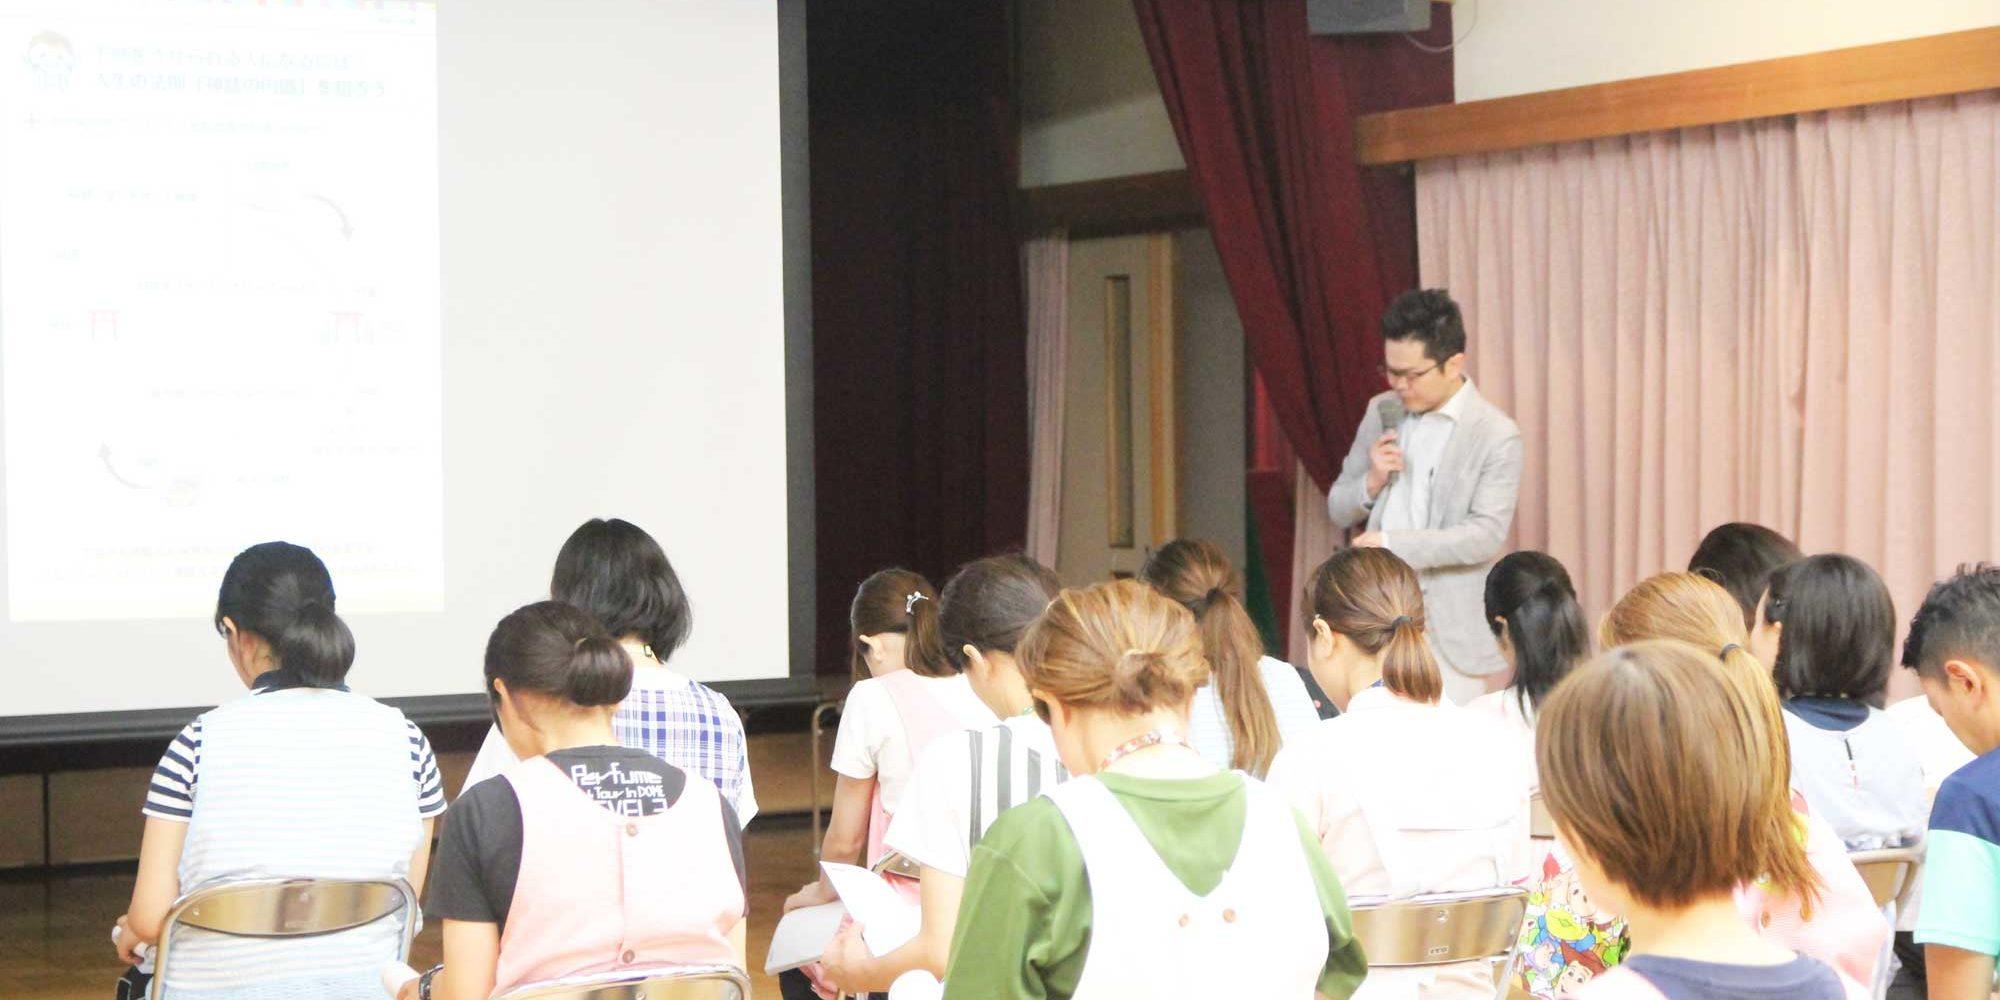 最近ではビジネスパーソン向けではなく保育園の先生にもセミナーも開催している